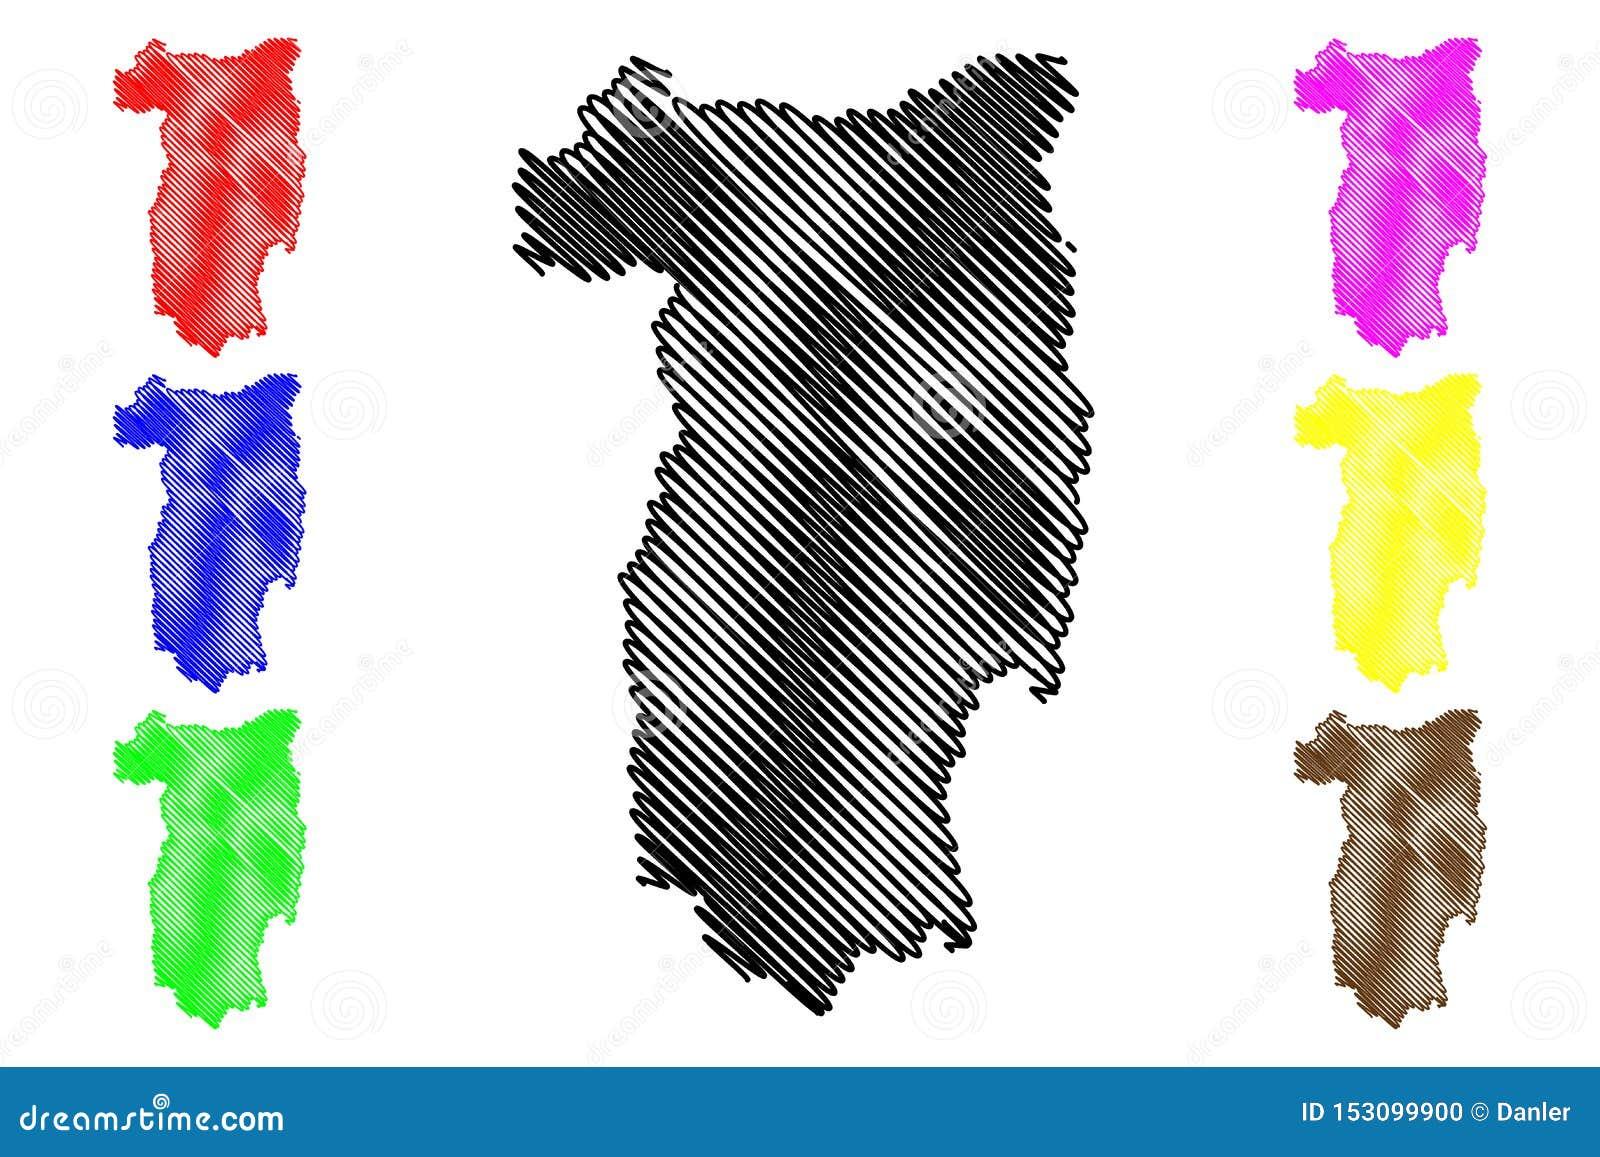 Διοικητικά τμήματα κομητειών Valcea διανυσματική απεικόνιση χαρτών της Ρουμανίας, περιοχή ανάπτυξης Oltenia sud-φανέλλων, σκίτσο